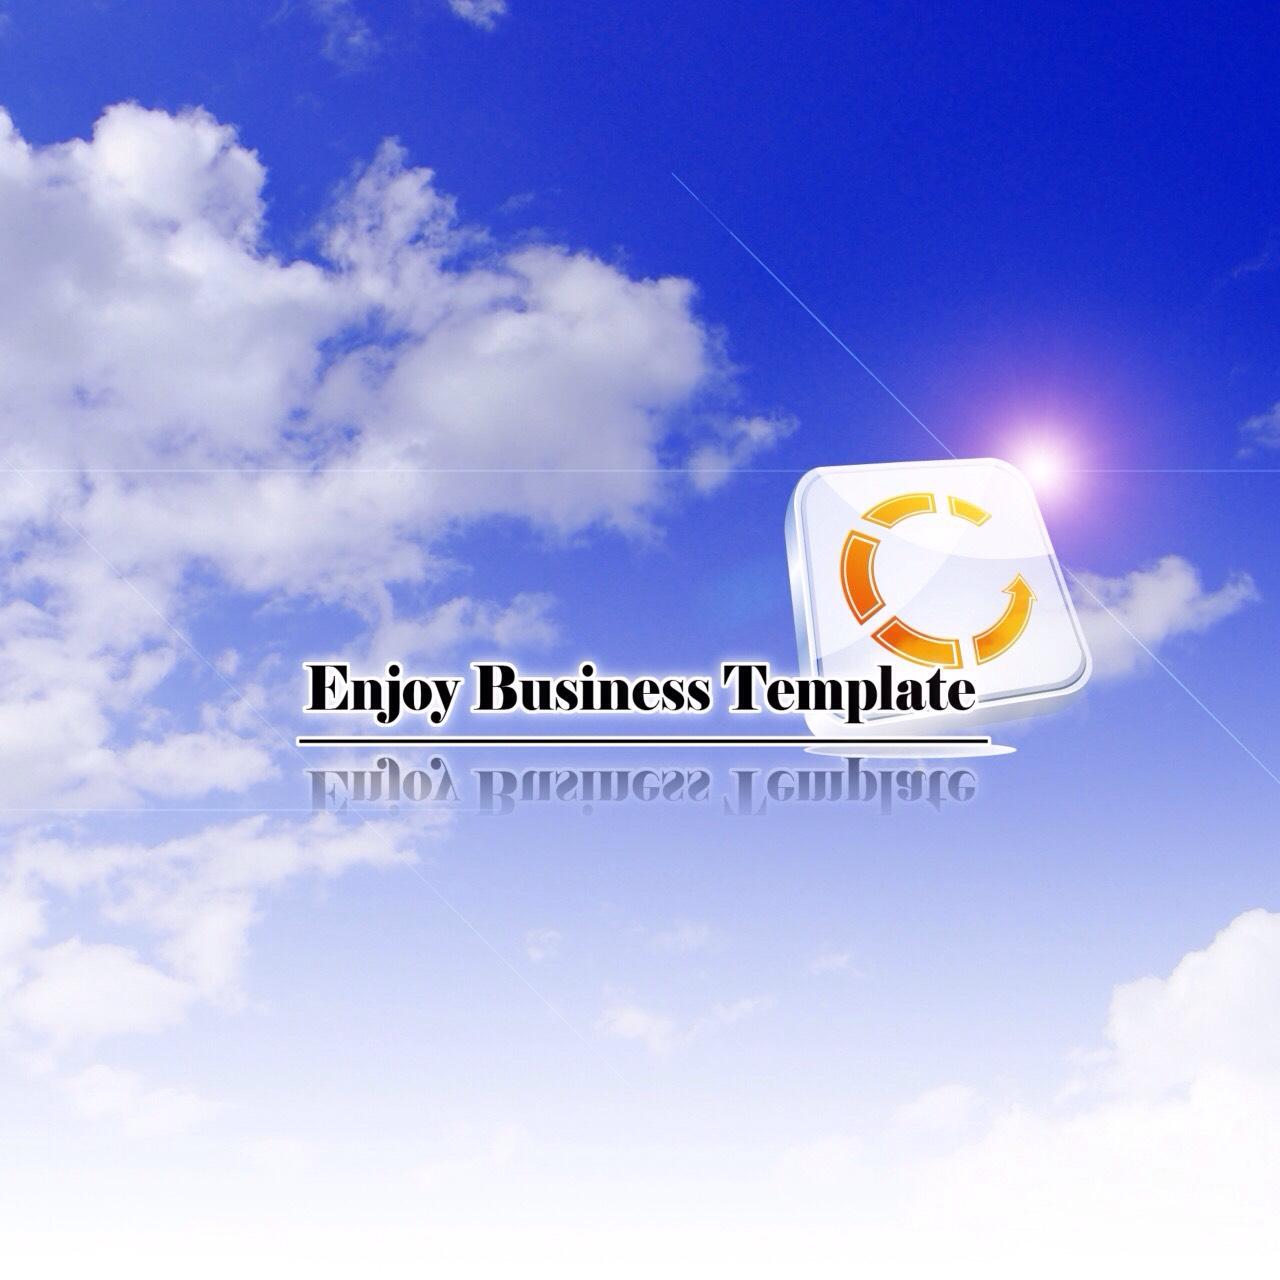 Enjoy Business Template